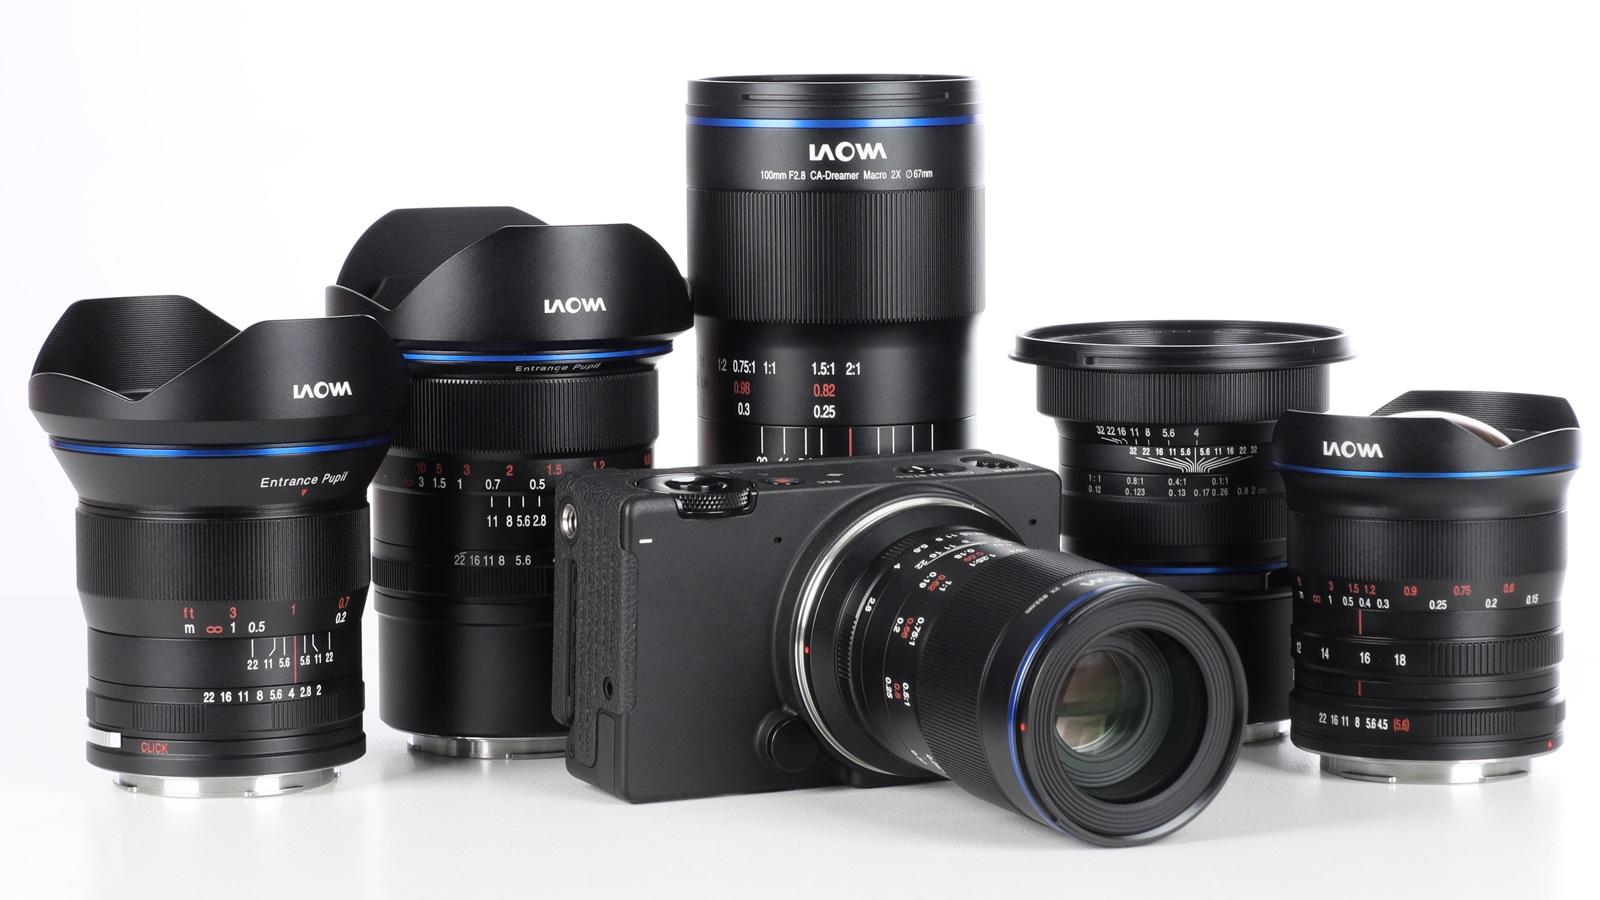 Laowa anunció nuevas versiones de montura L-Mount para lentes macro y ultra angulares